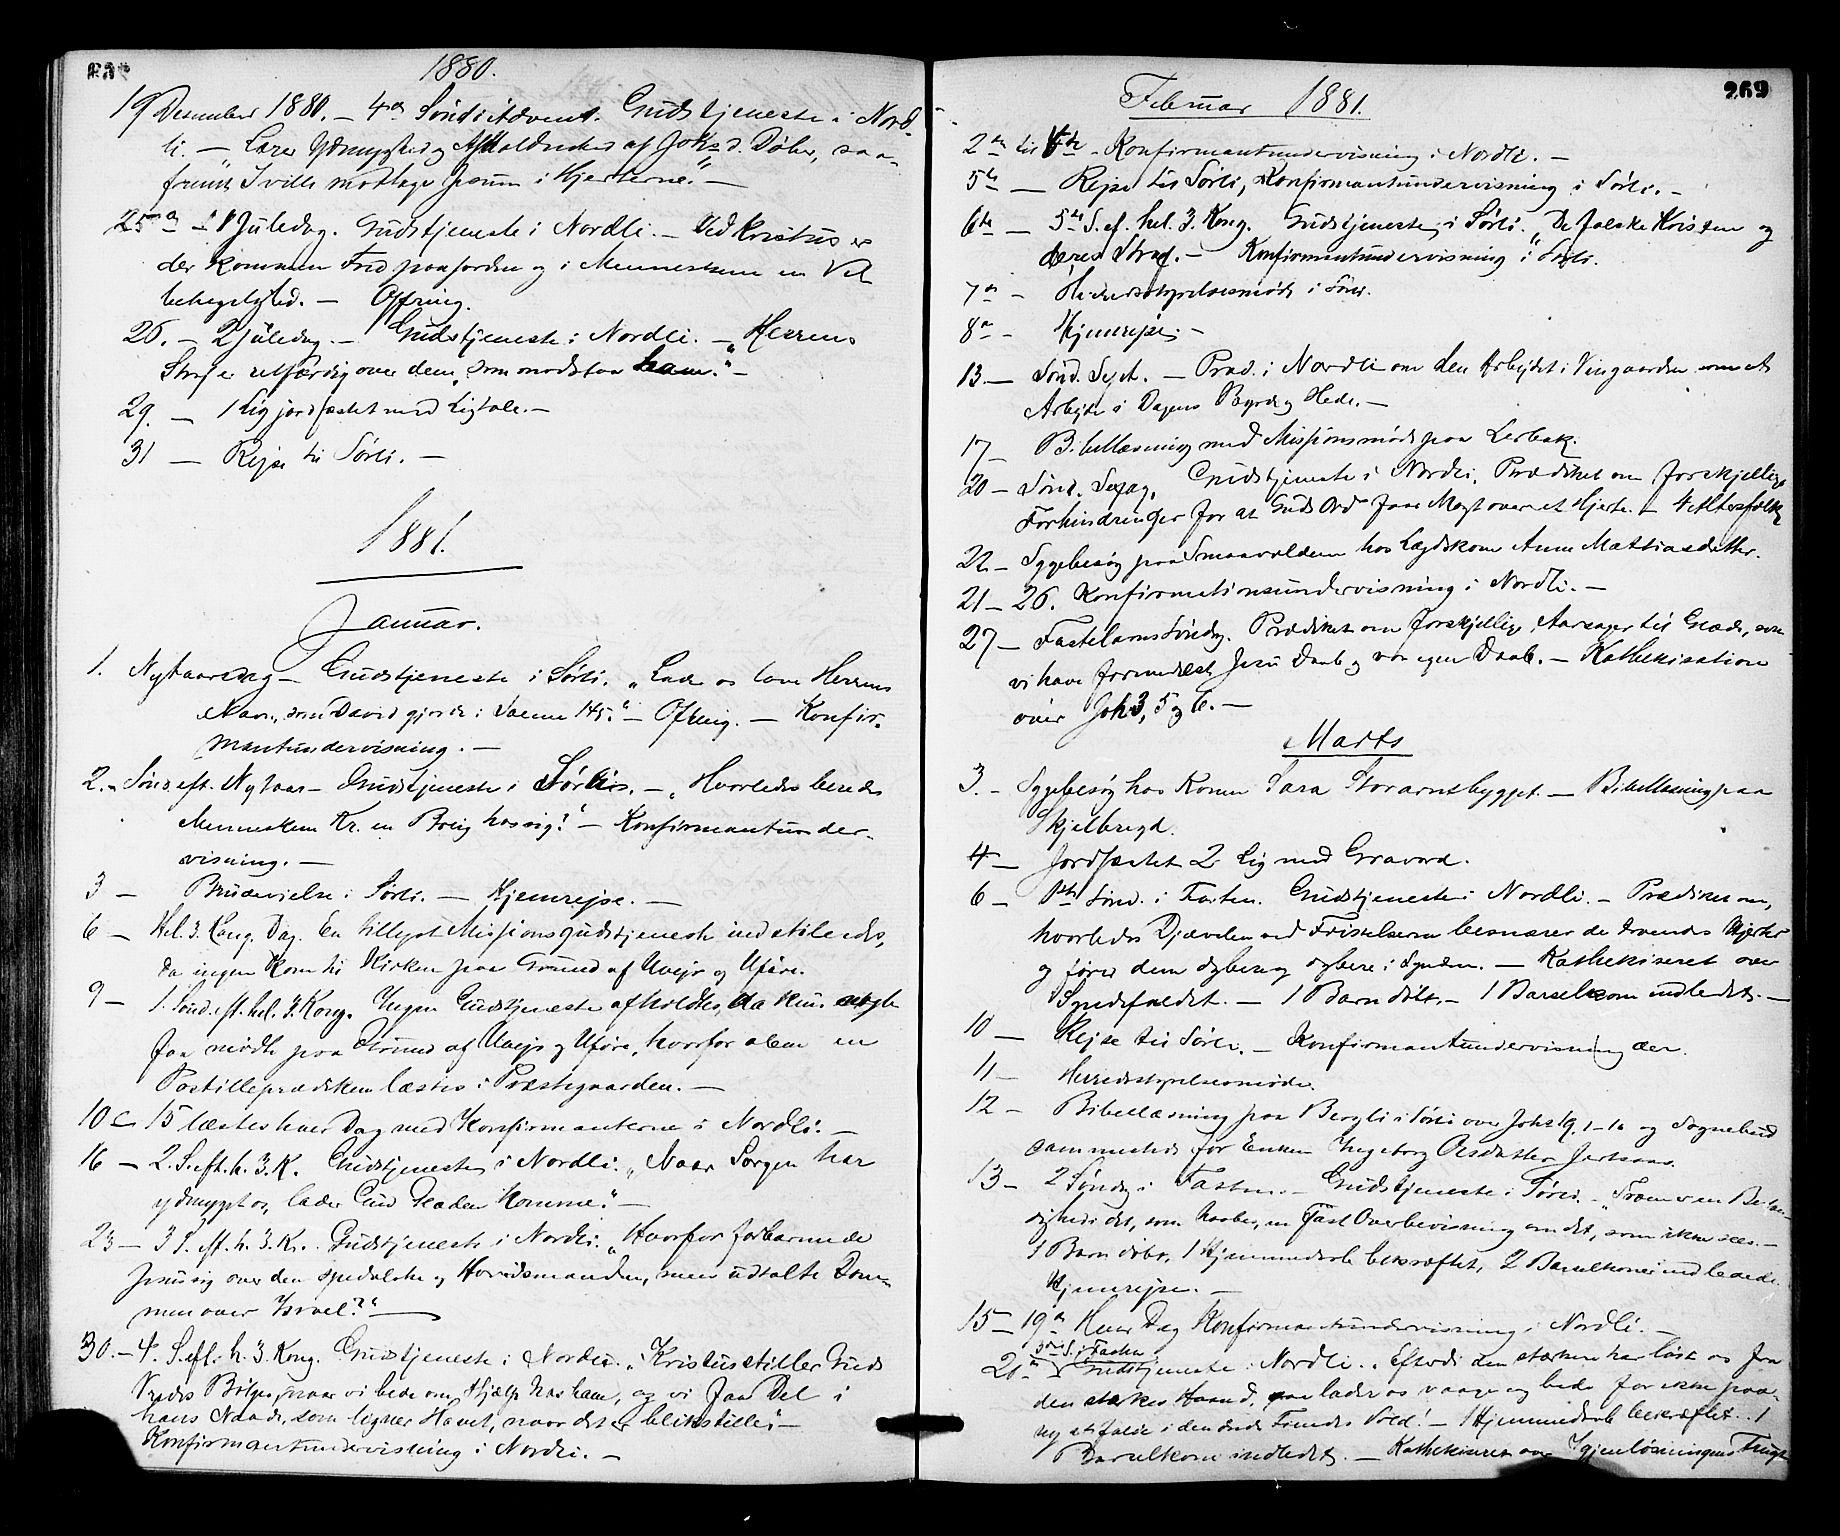 SAT, Ministerialprotokoller, klokkerbøker og fødselsregistre - Nord-Trøndelag, 755/L0493: Ministerialbok nr. 755A02, 1865-1881, s. 269